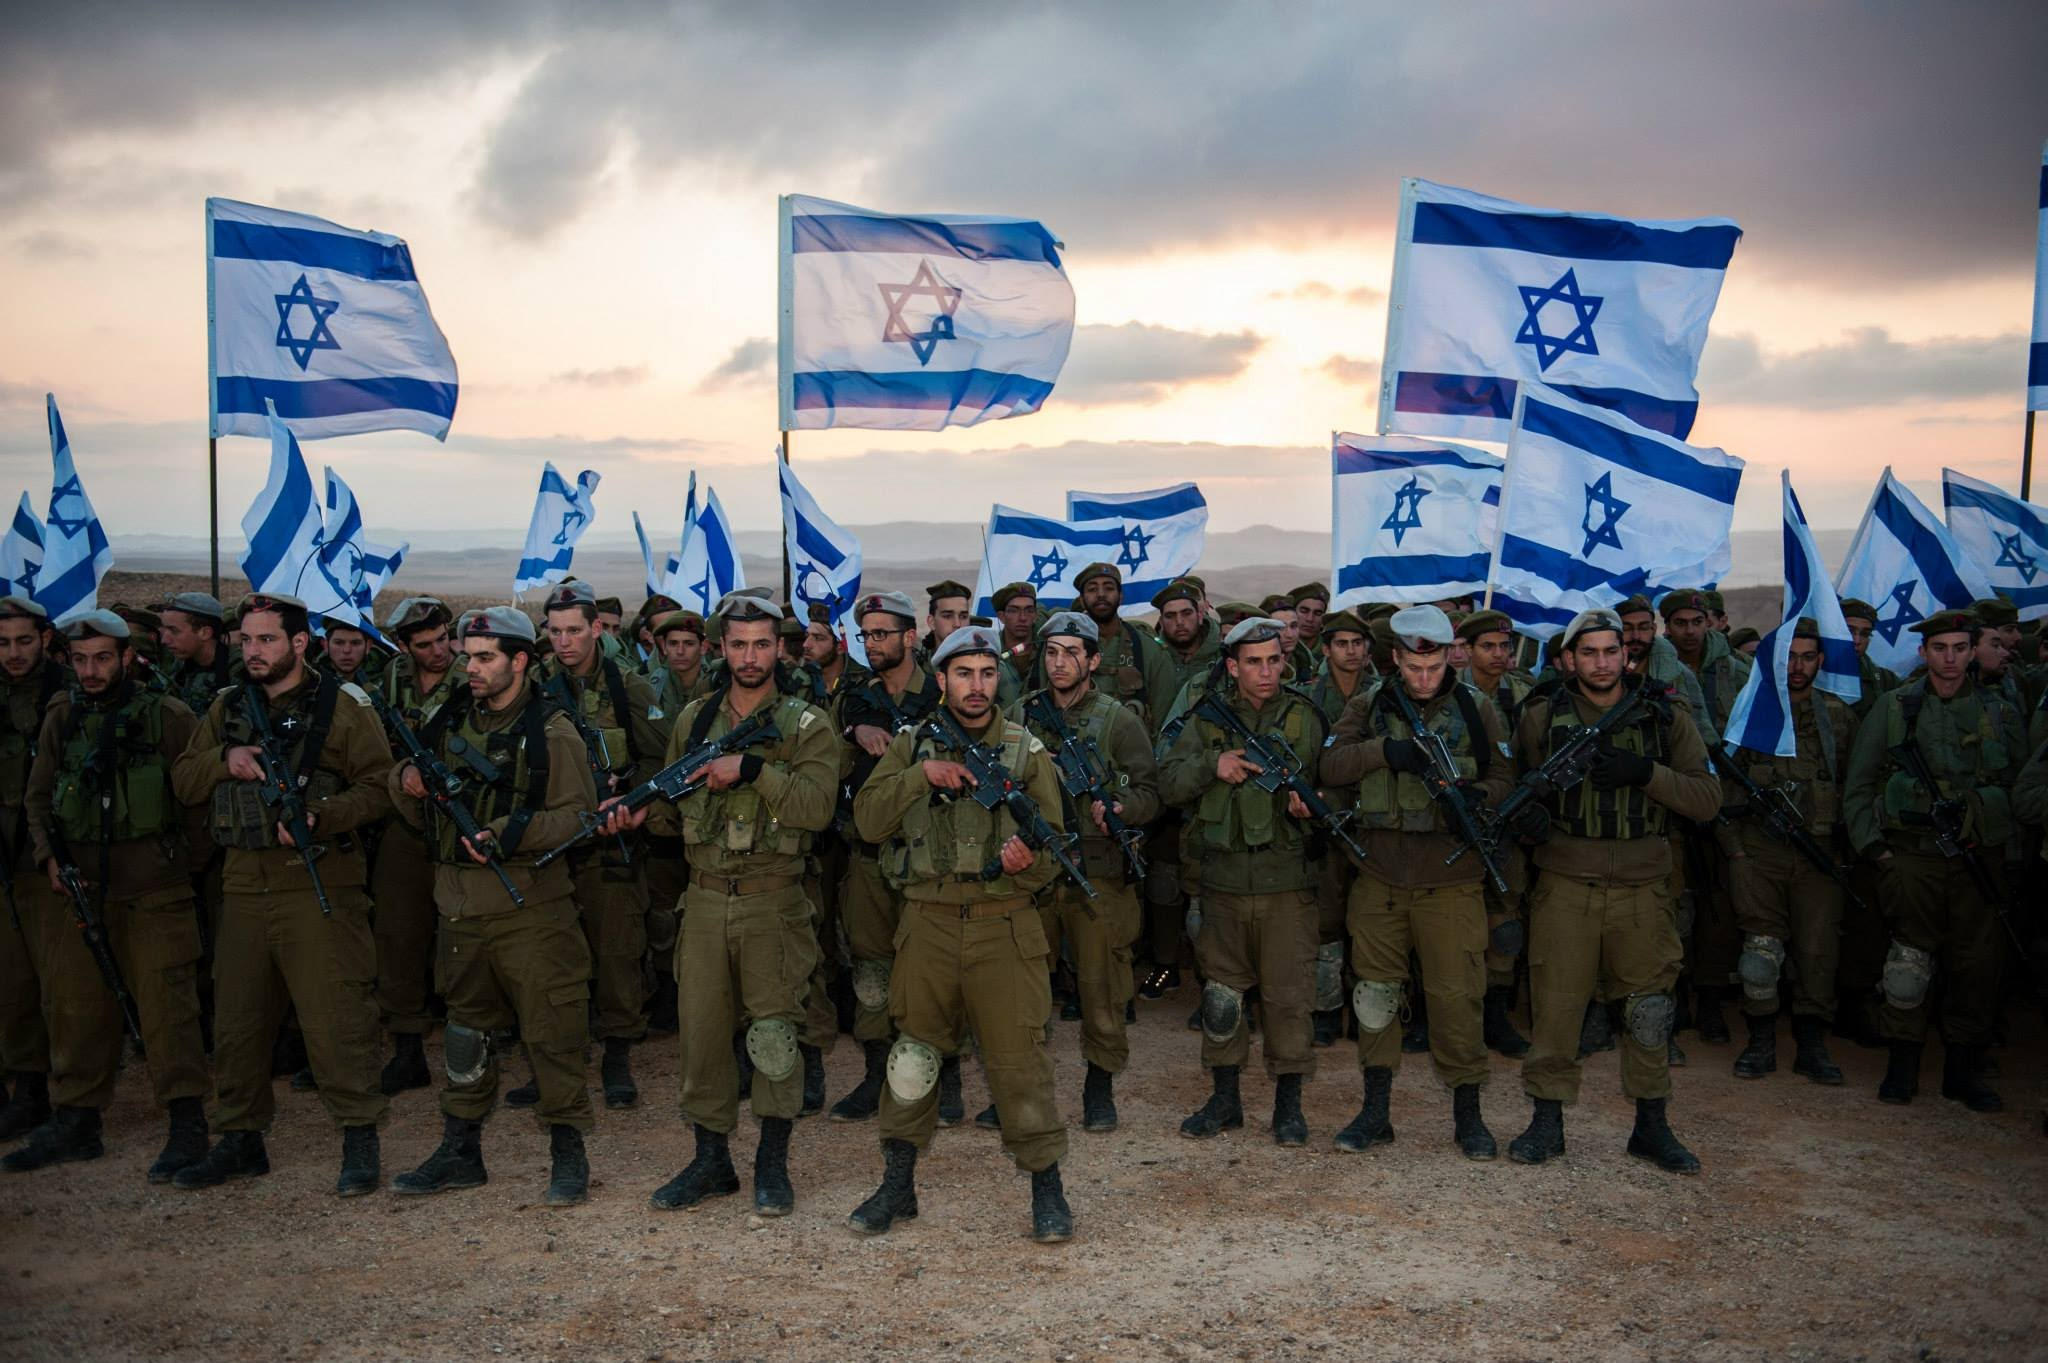 Израиль провел спецоперацию по задабриванию сирийцев у своих границ